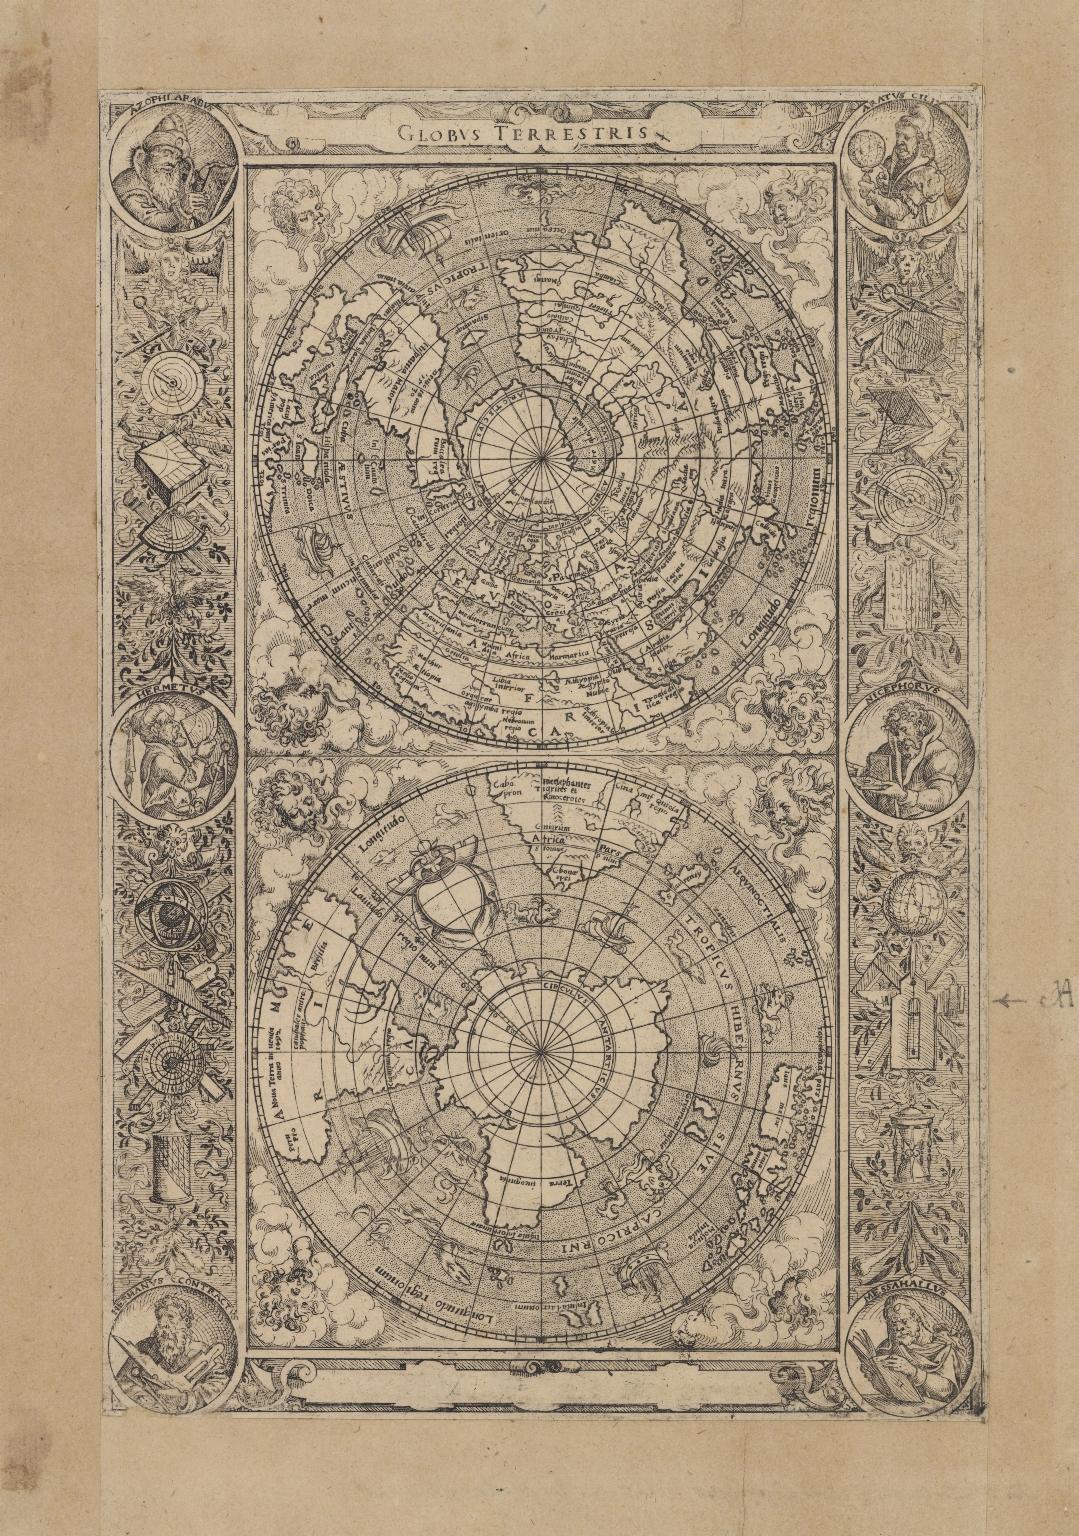 Globus terrestris